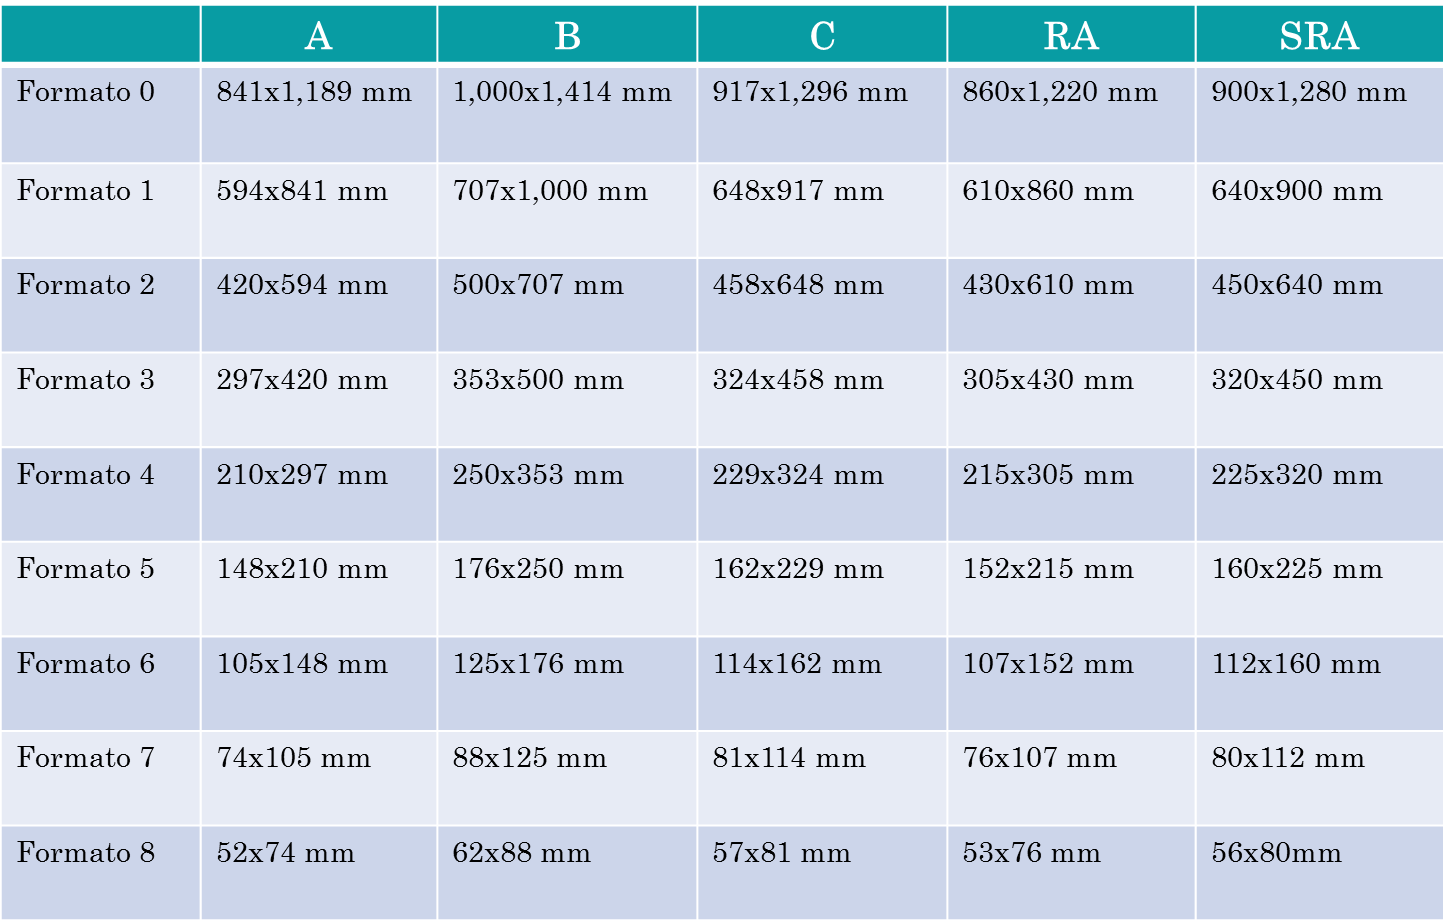 TABLA-formatos-PAPEL